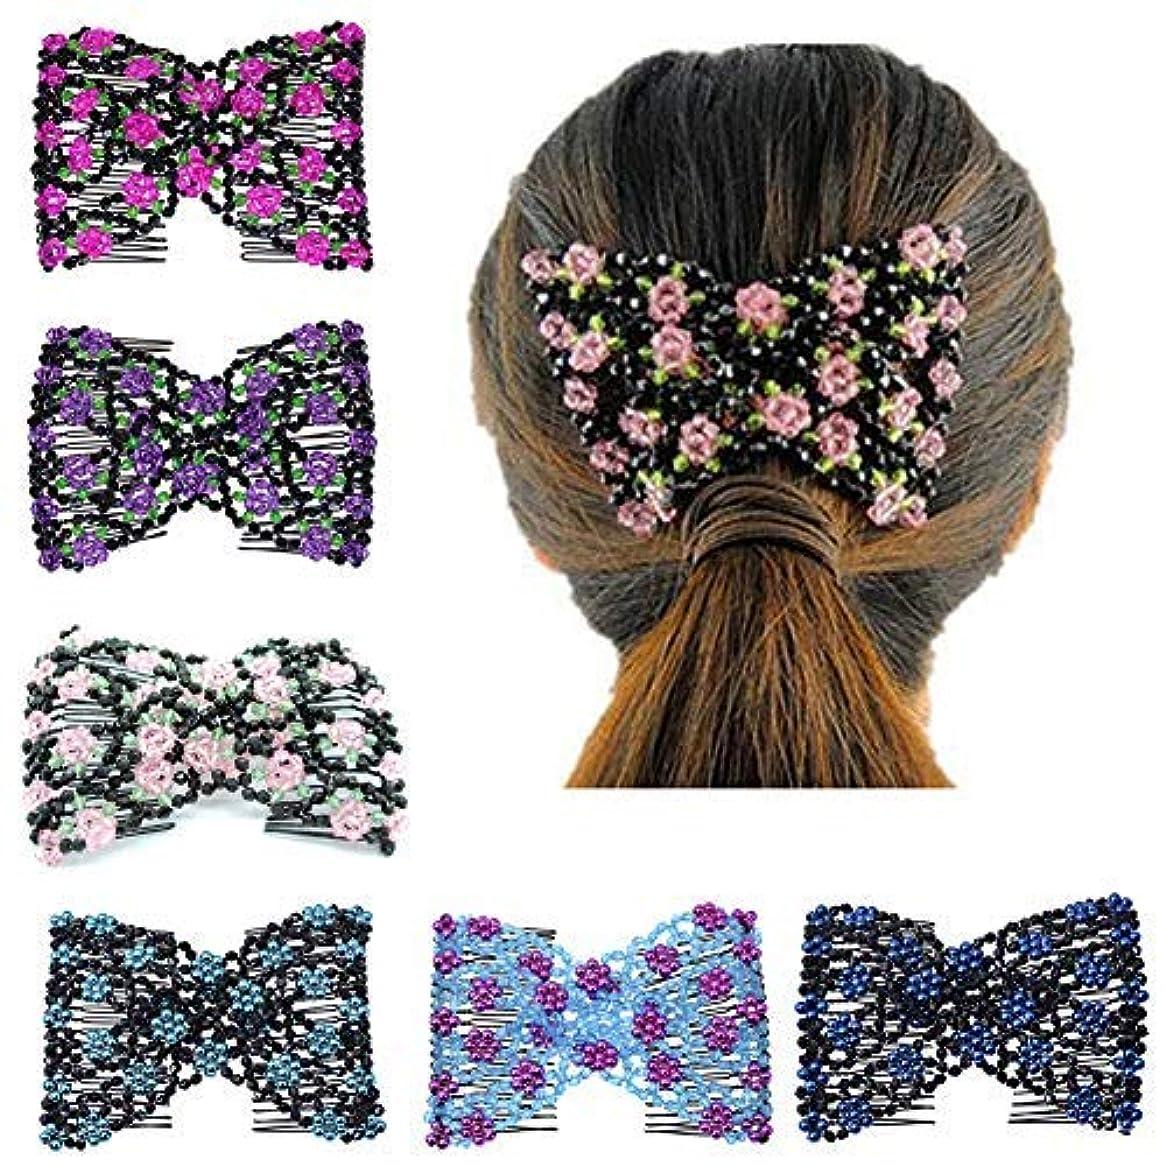 ジーンズ縫う緯度Casualfashion Magic Ez Combs Double Stretching Combs, Thick and Thin Hair, Hair Accessory for Popular Hairstyles...